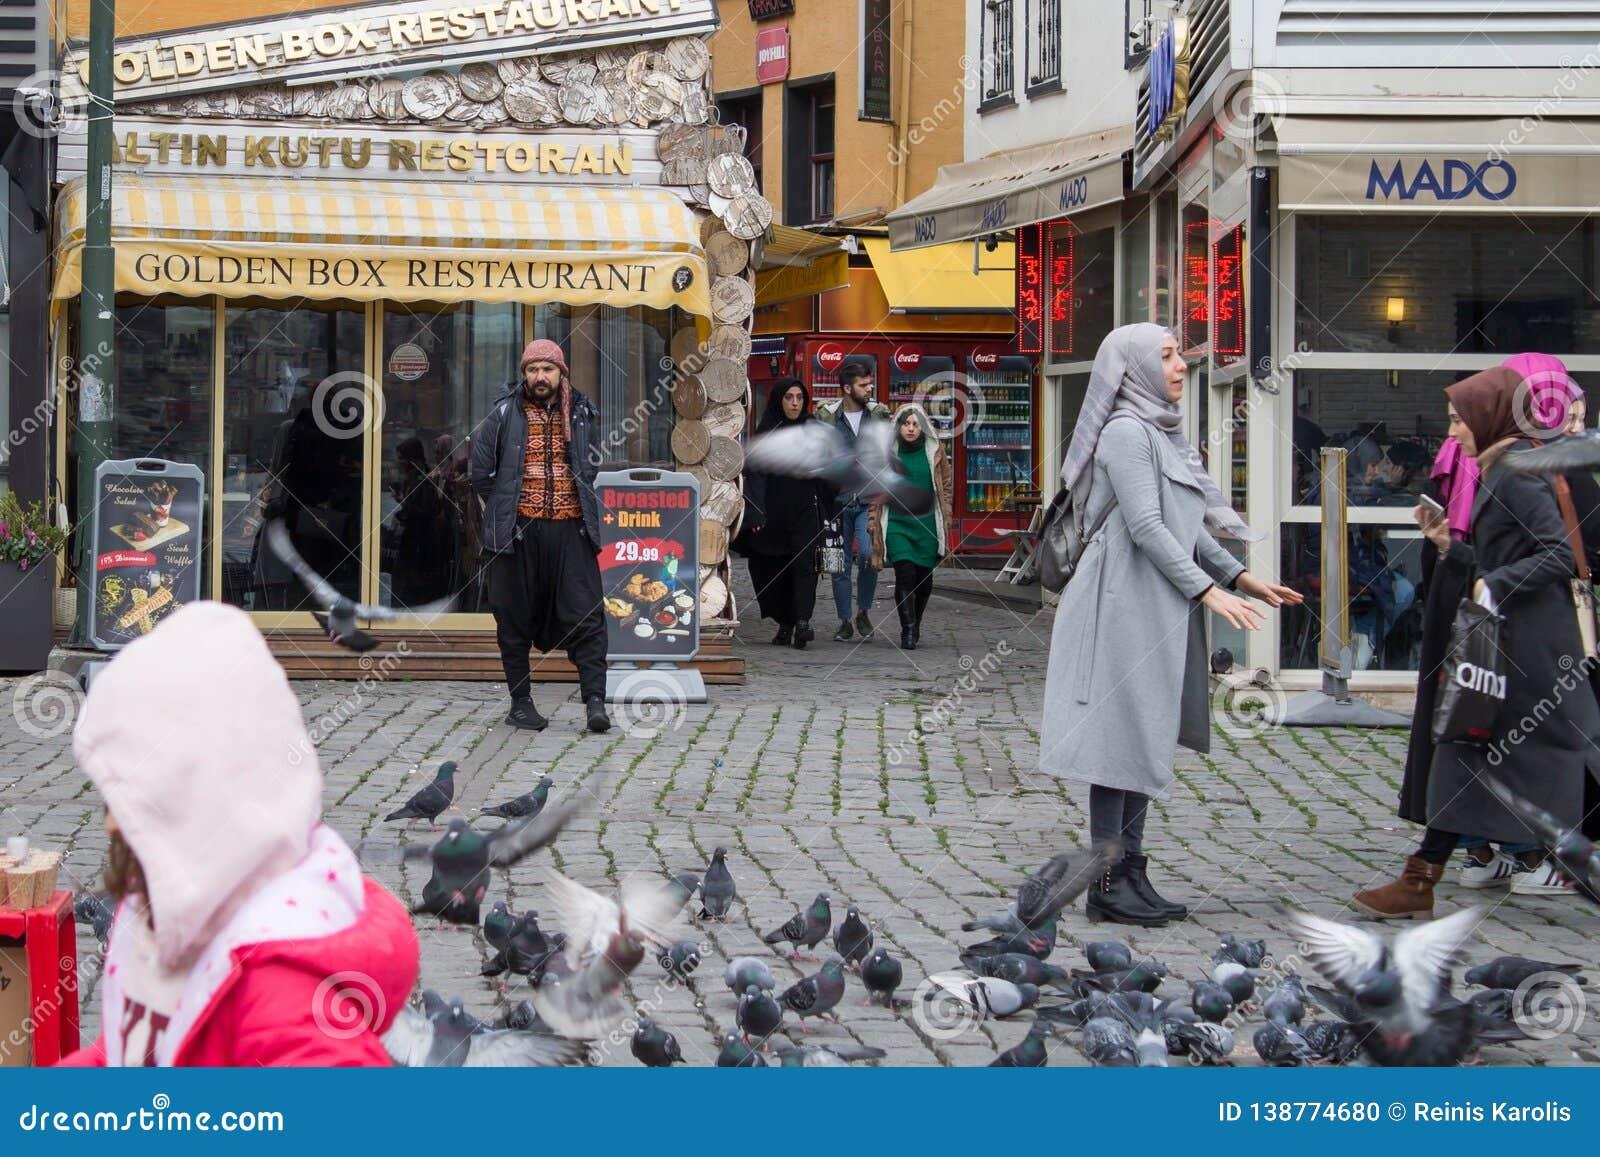 Ιστανμπούλ Τουρκία - 31 Ιανουαρίου 2019: Ένα άτομο διαφημίζει το εστιατόριο ενώ οι άνθρωποι ταΐζουν και πιάνουν τα περιστέρια